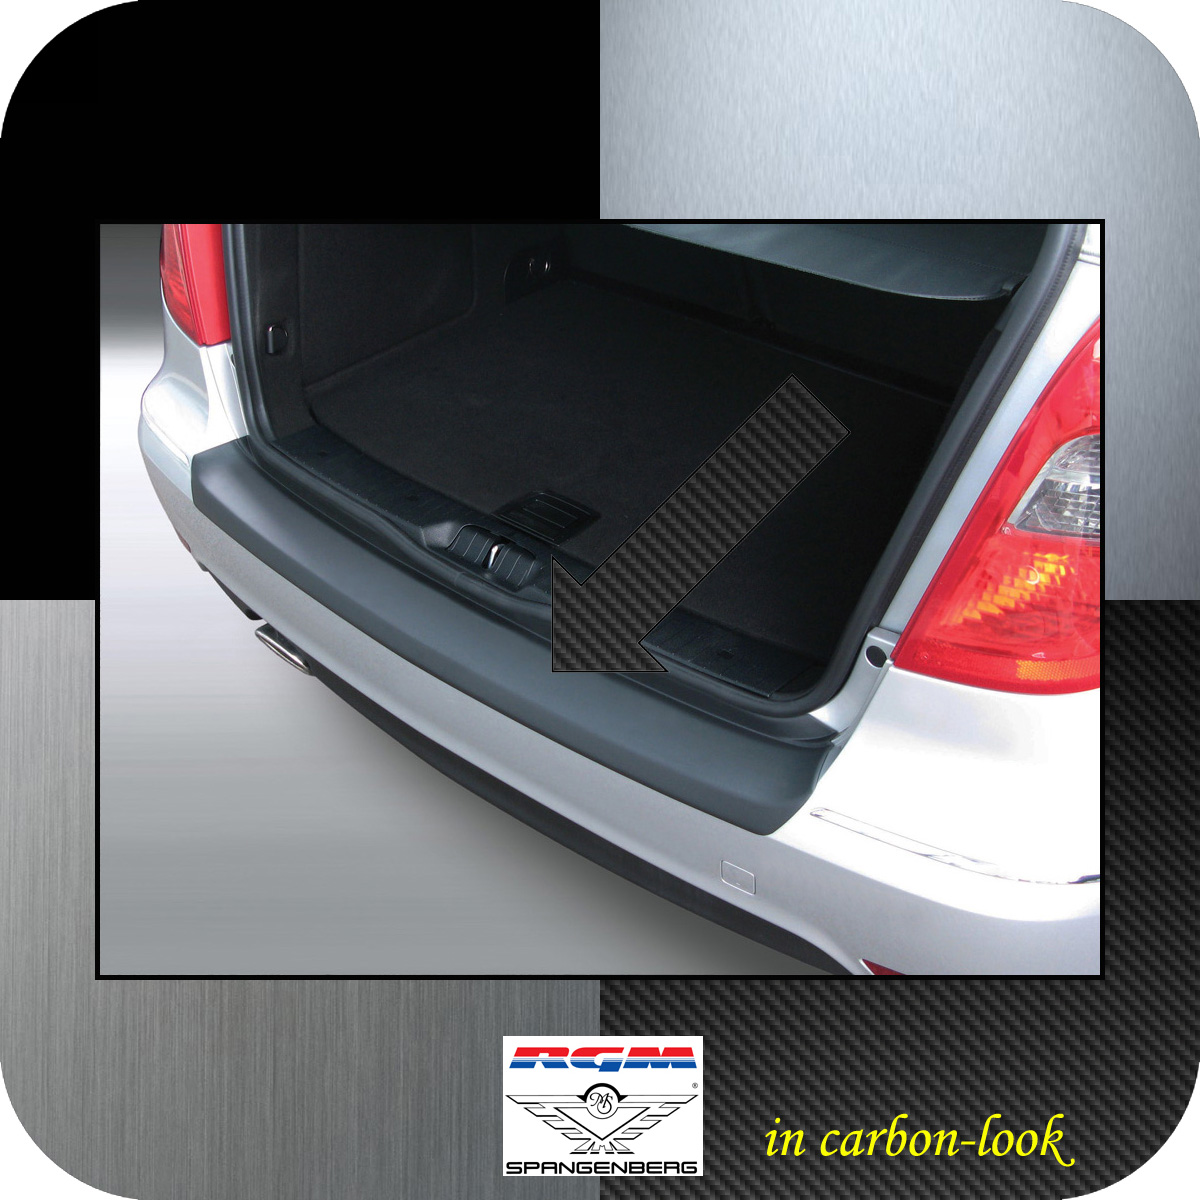 Ladekantenschutz Carbon-Look Mercedes A-Klasse W169 ab facelift 2008-12 3509474